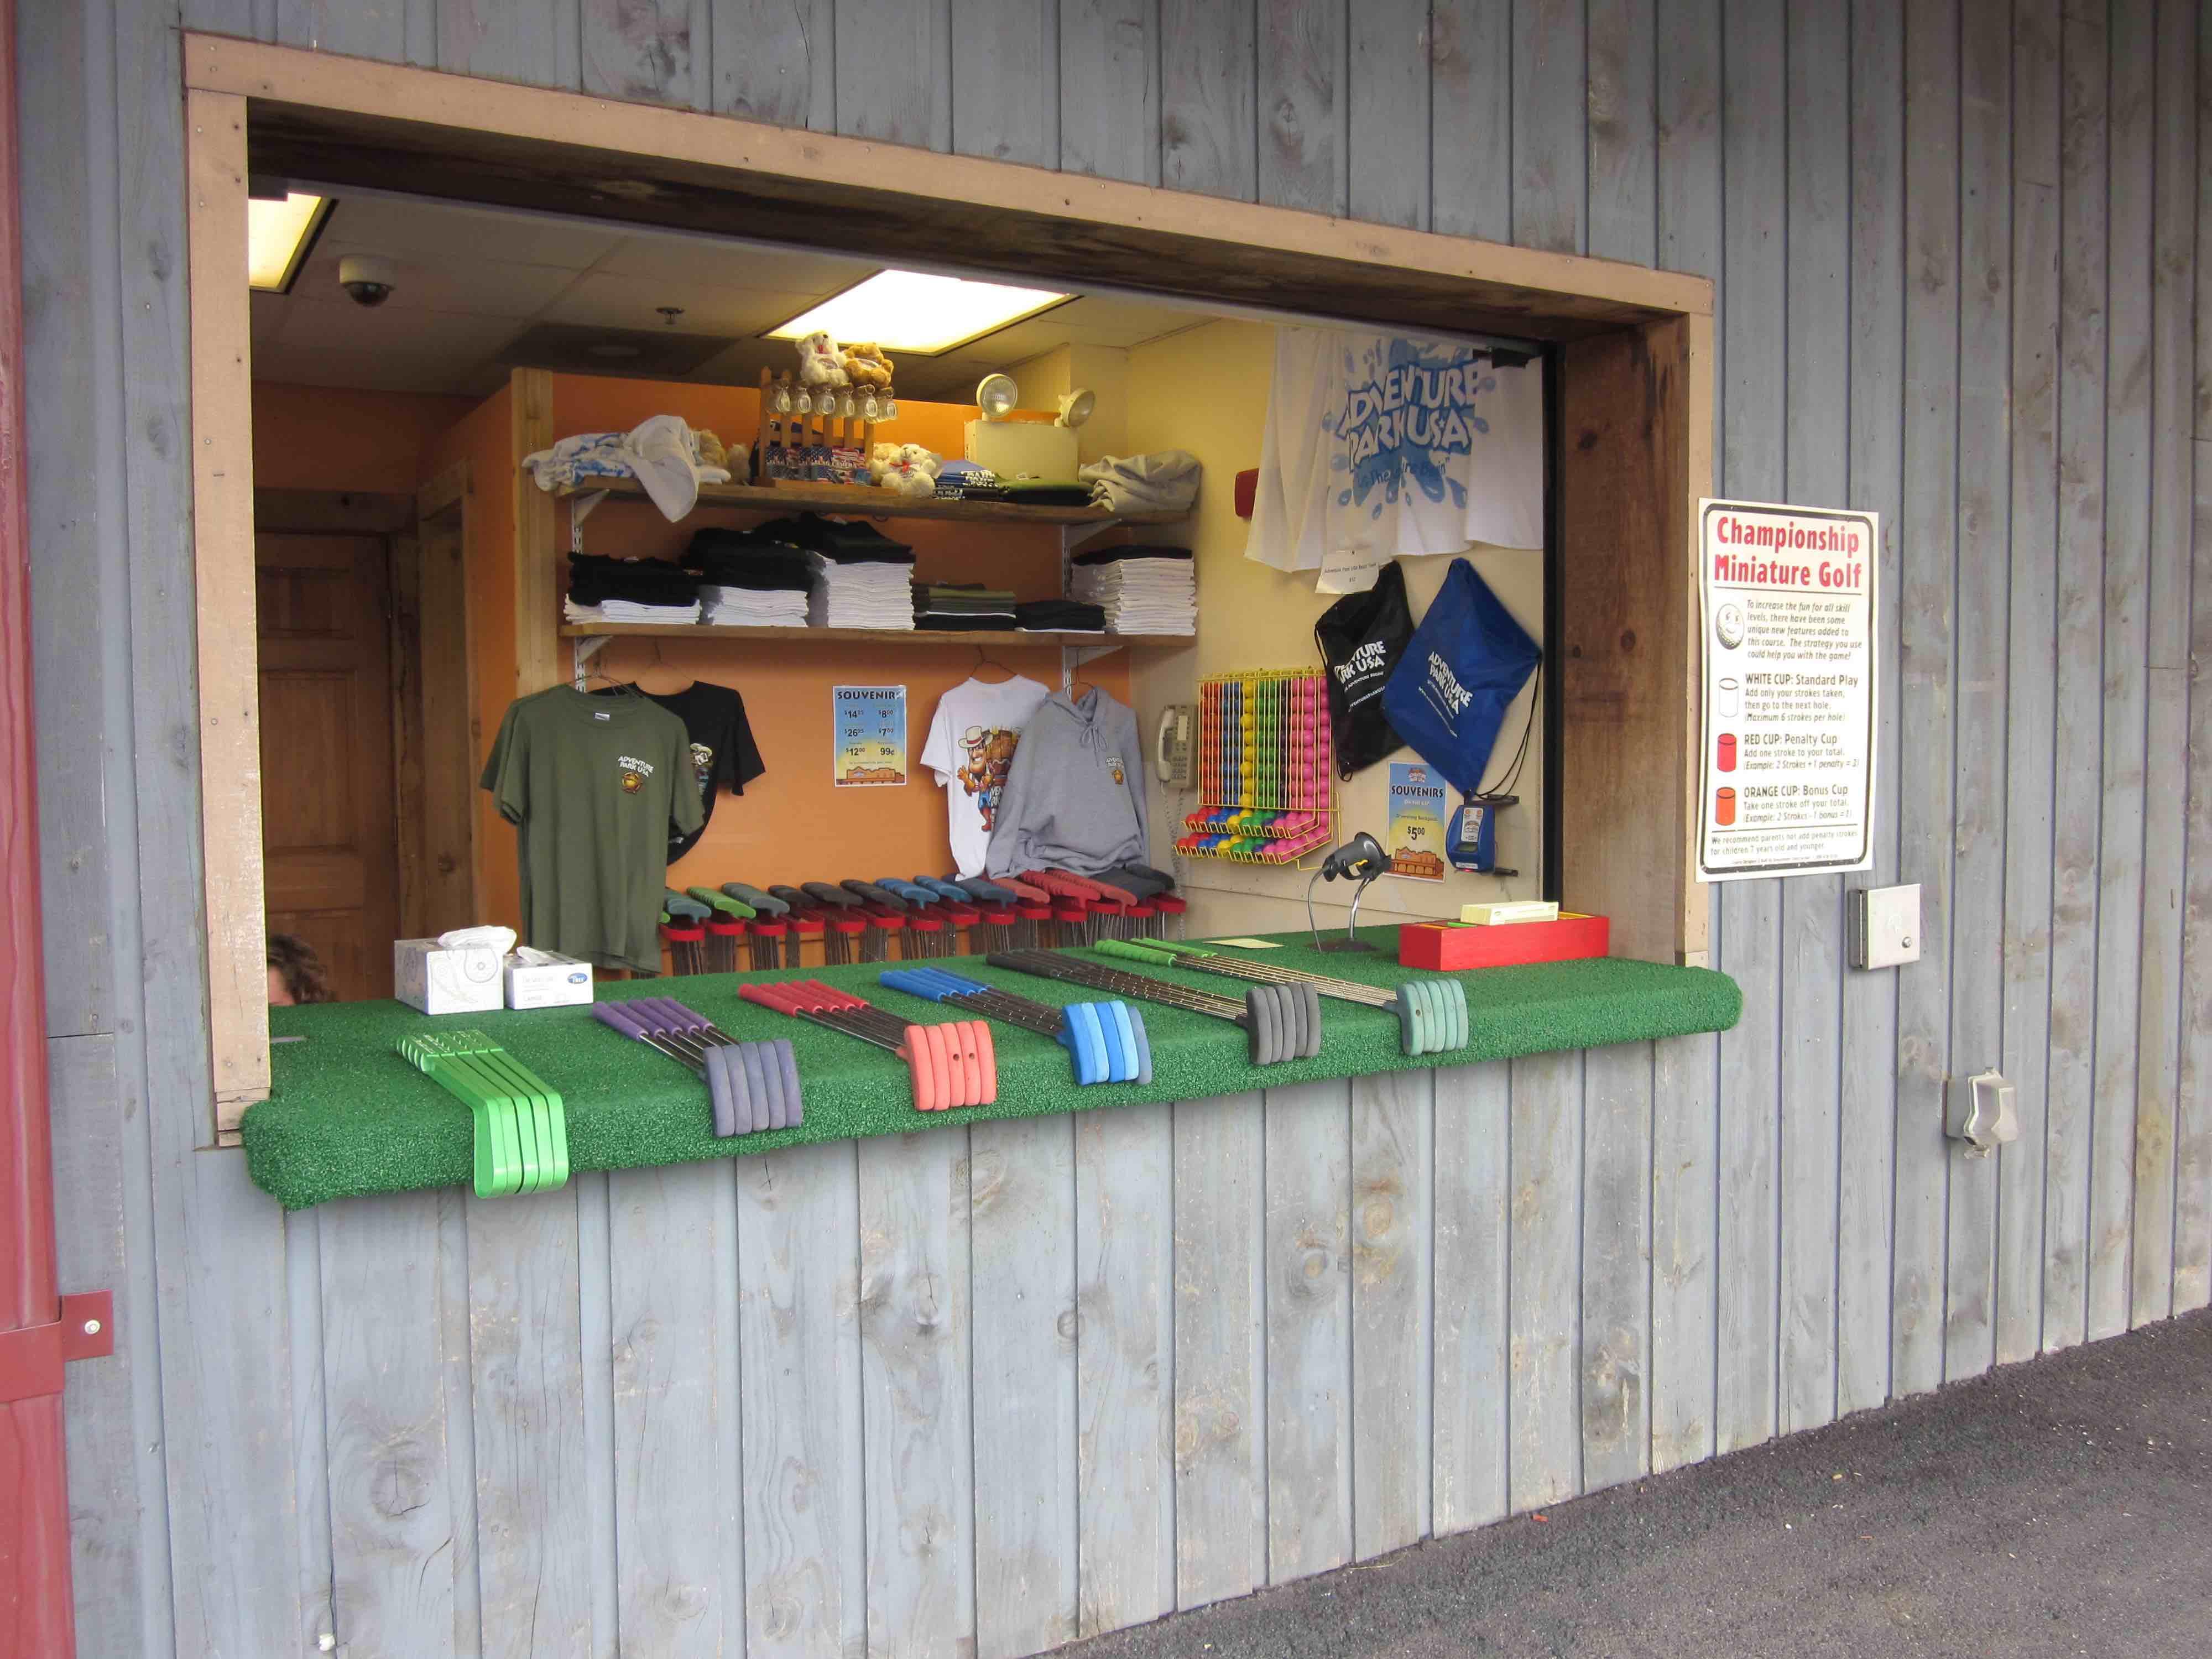 how to start an indoor miniature golf business